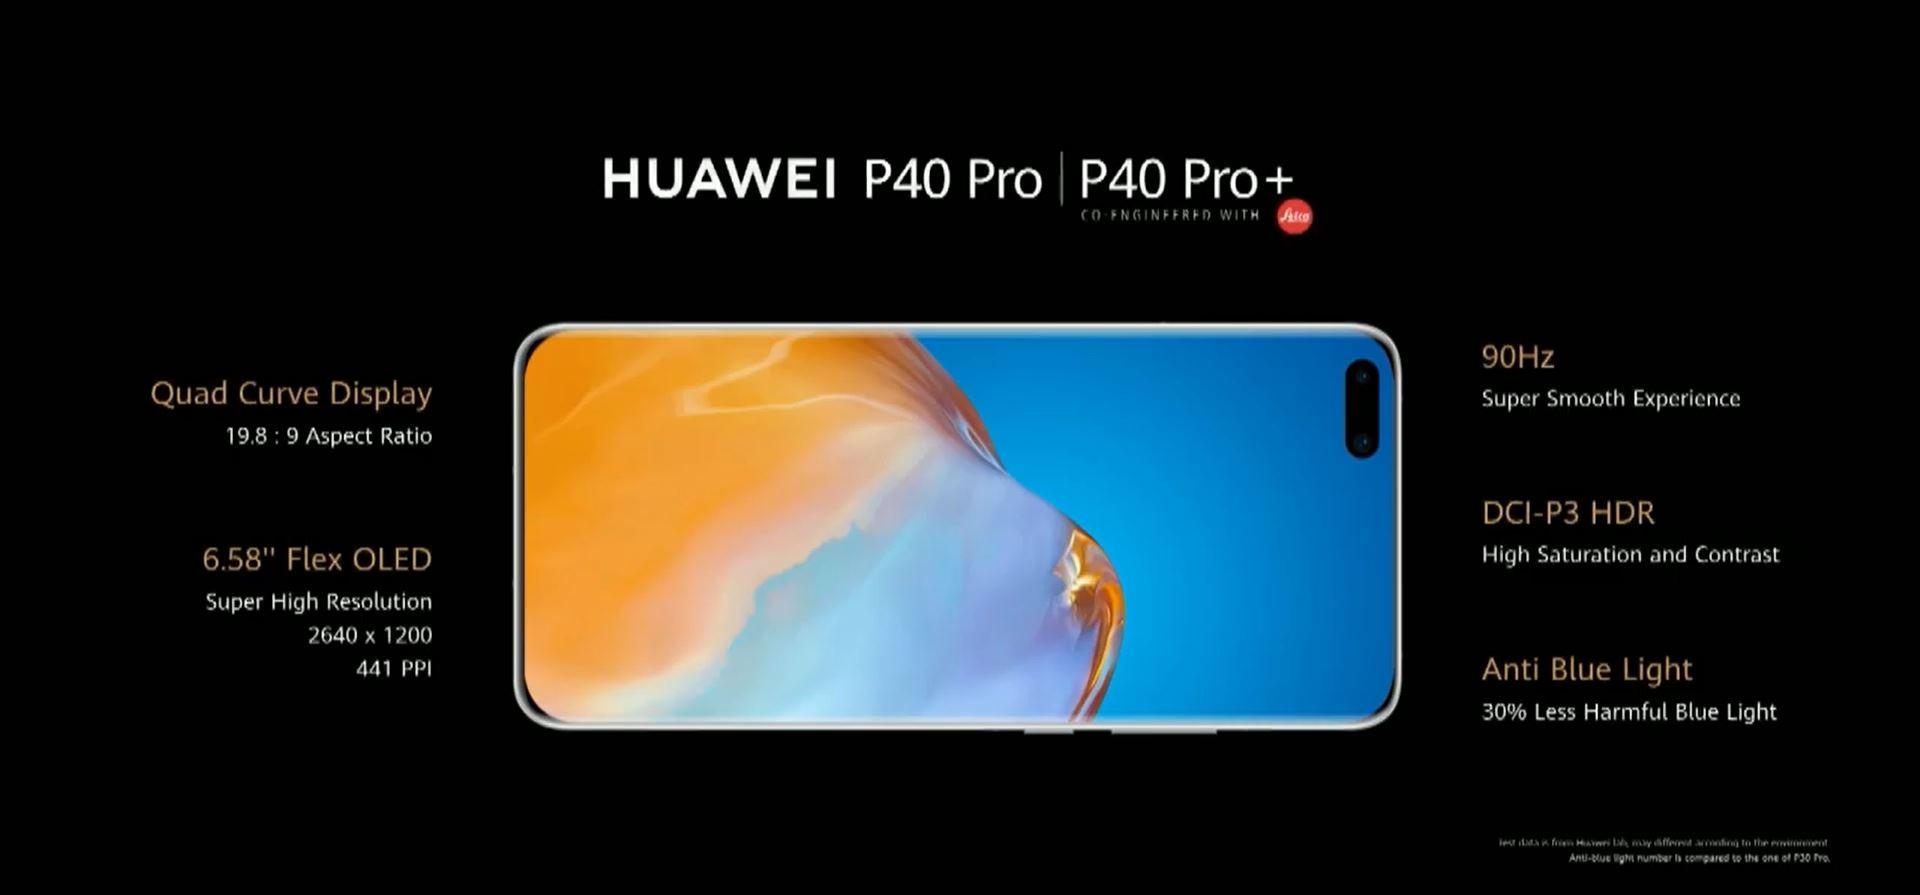 Huawei P40, P40 Pro e P40 Pro+ ufficiali: caratteristiche, design e prezzi 1